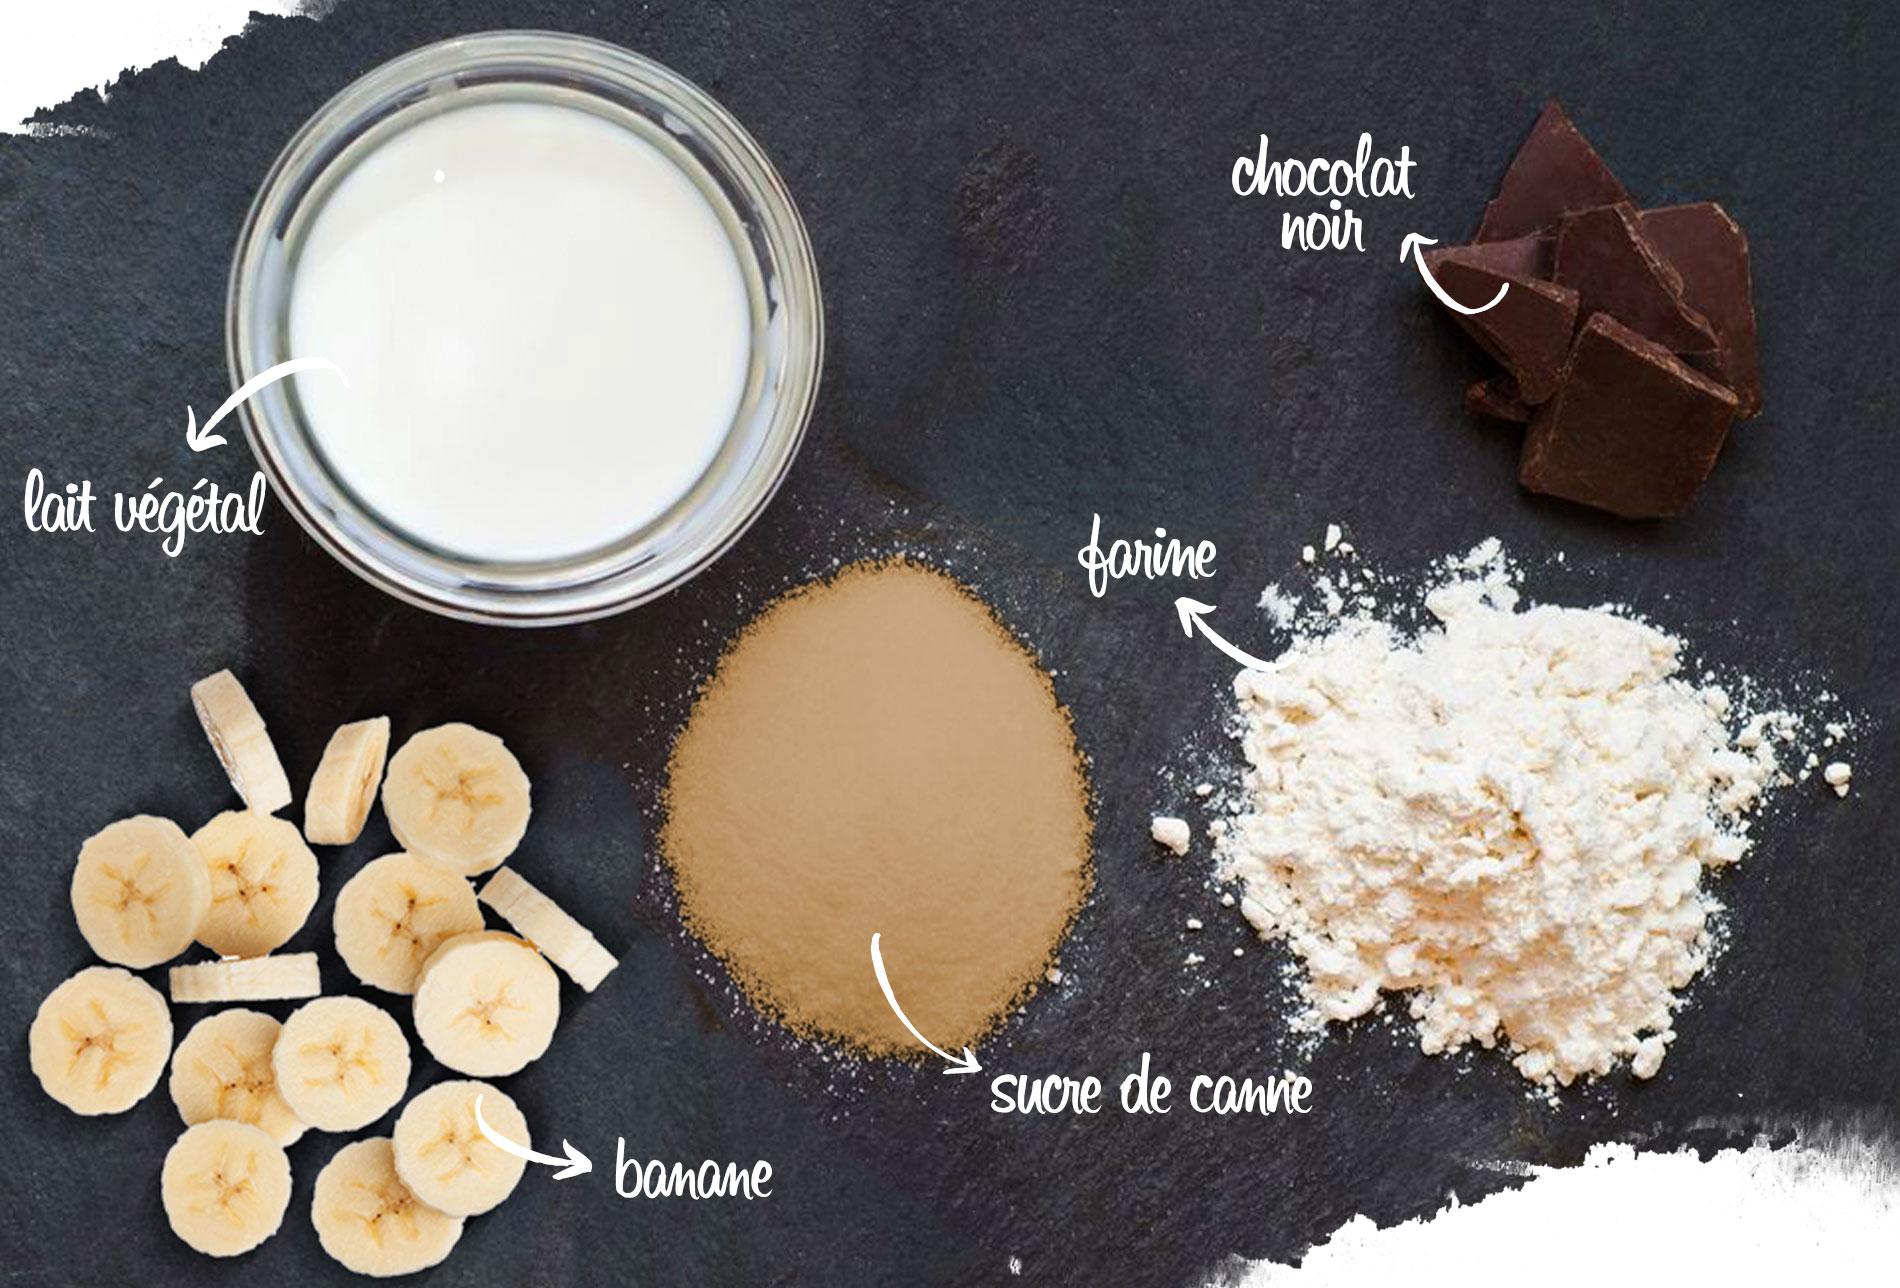 recette vegan, ingrédients, muffins vegan et sans gluten au chocolat de marie